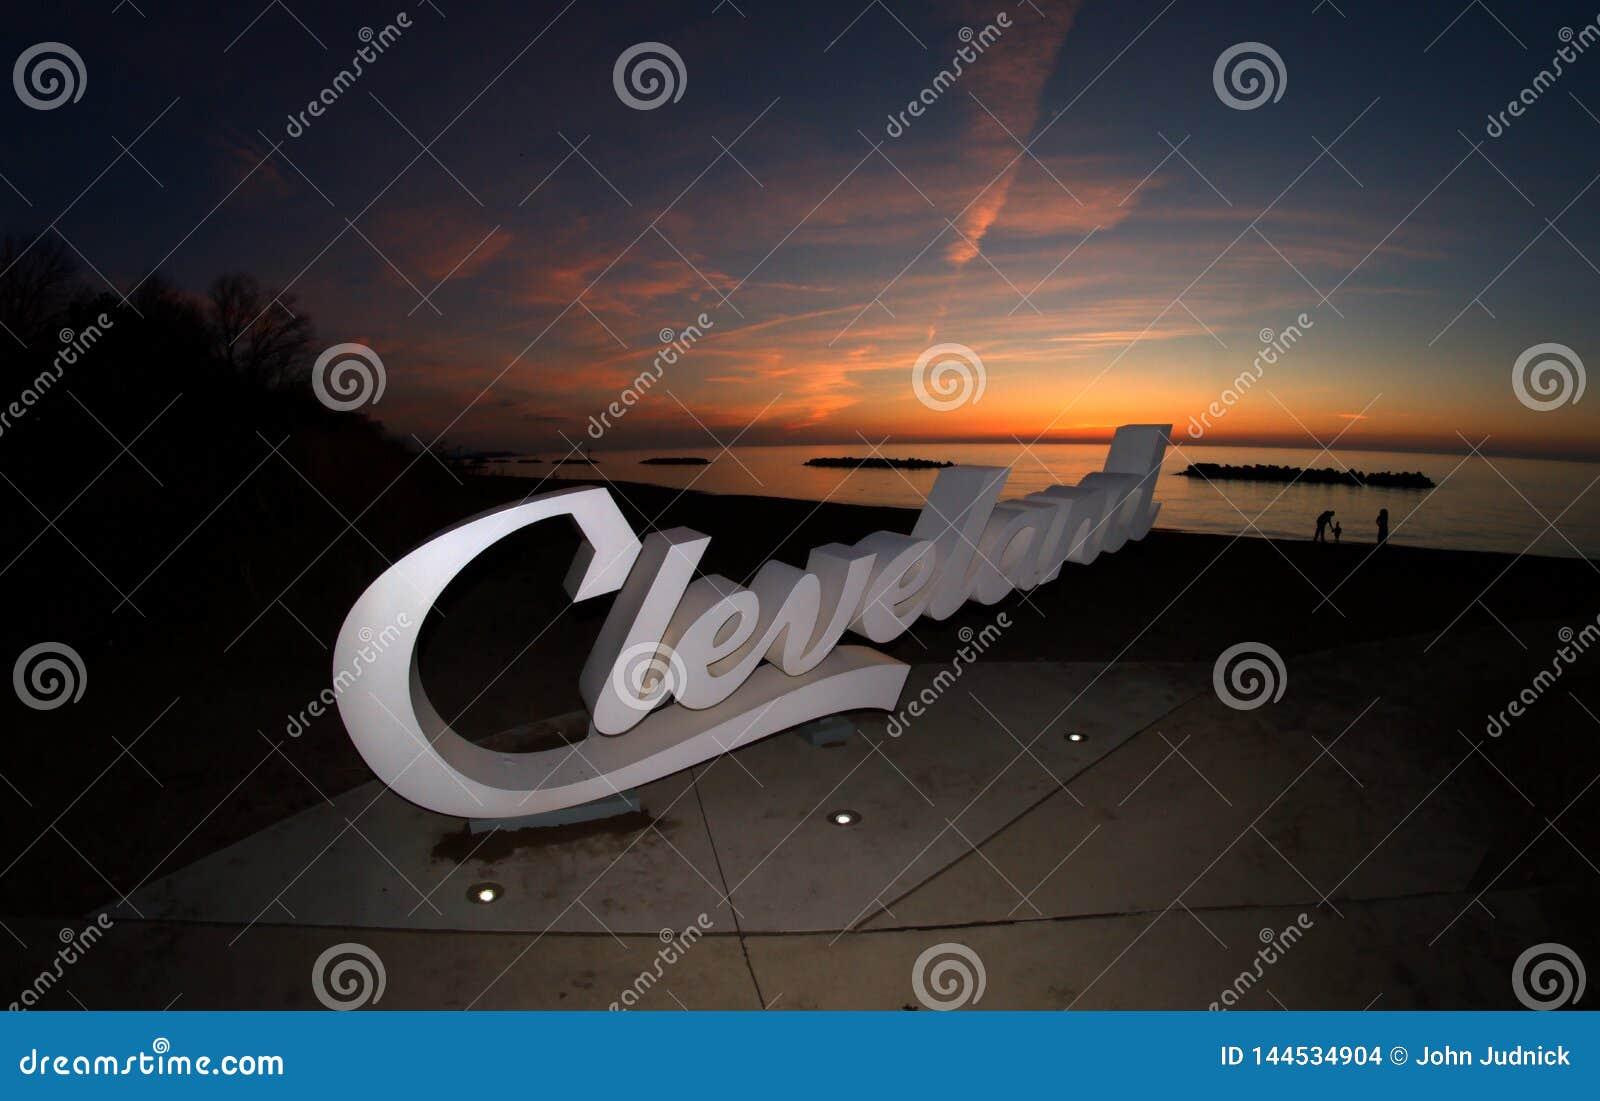 Sinal de Cleveland do roteiro que negligencia o Lago Erie no ramo da angra de Euclid